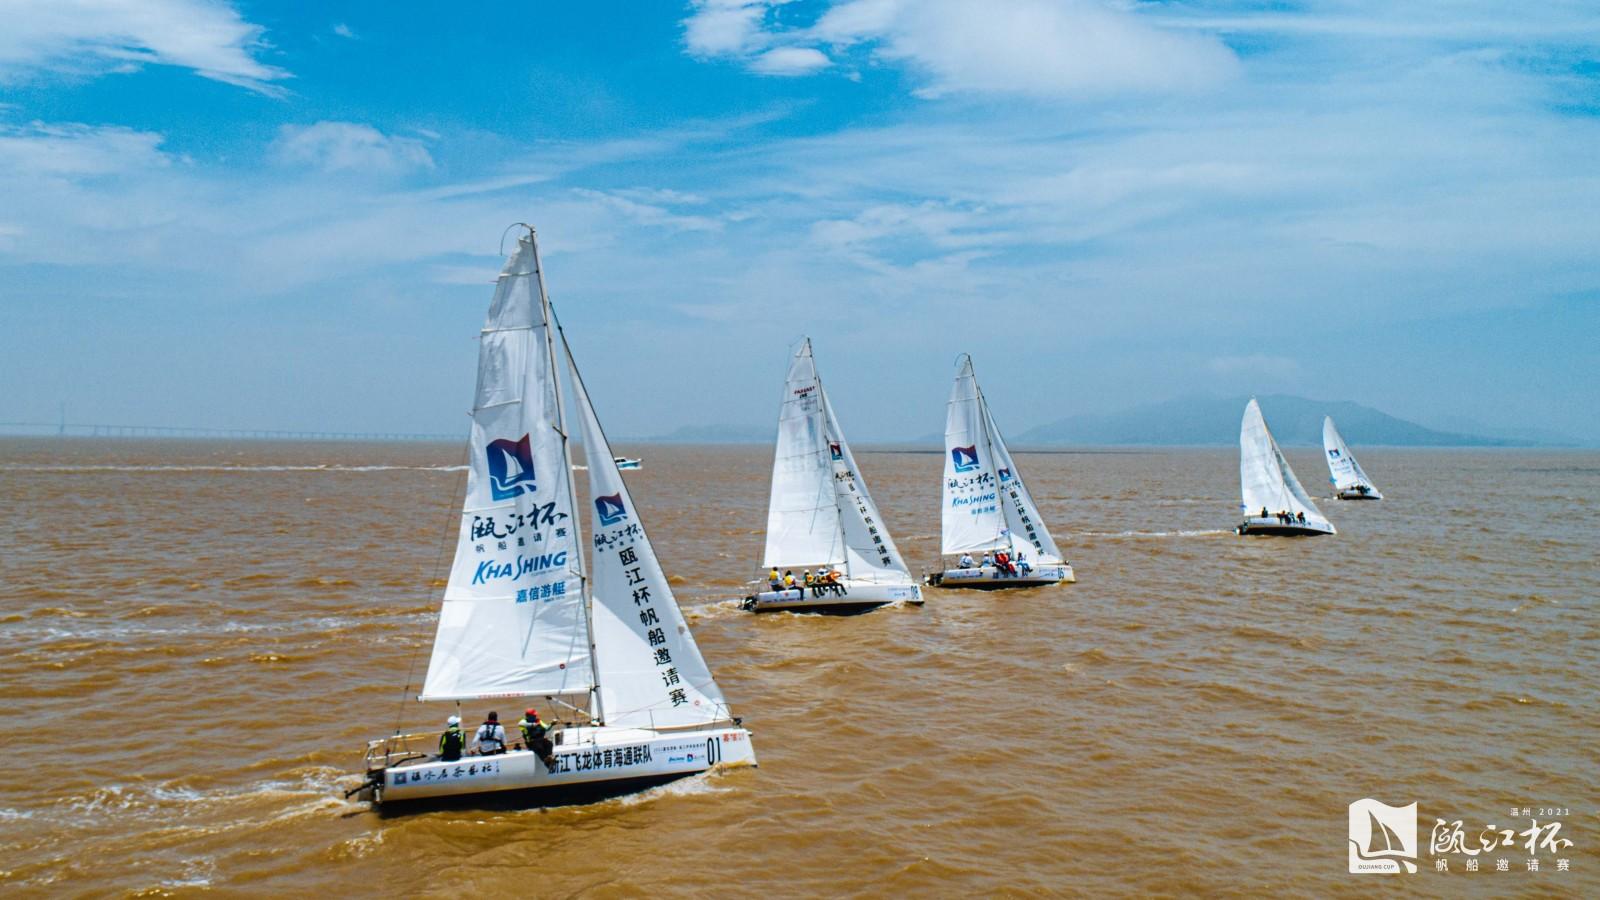 首屆甌江杯帆船賽圓滿結束,點亮溫州游艇產業新機遇